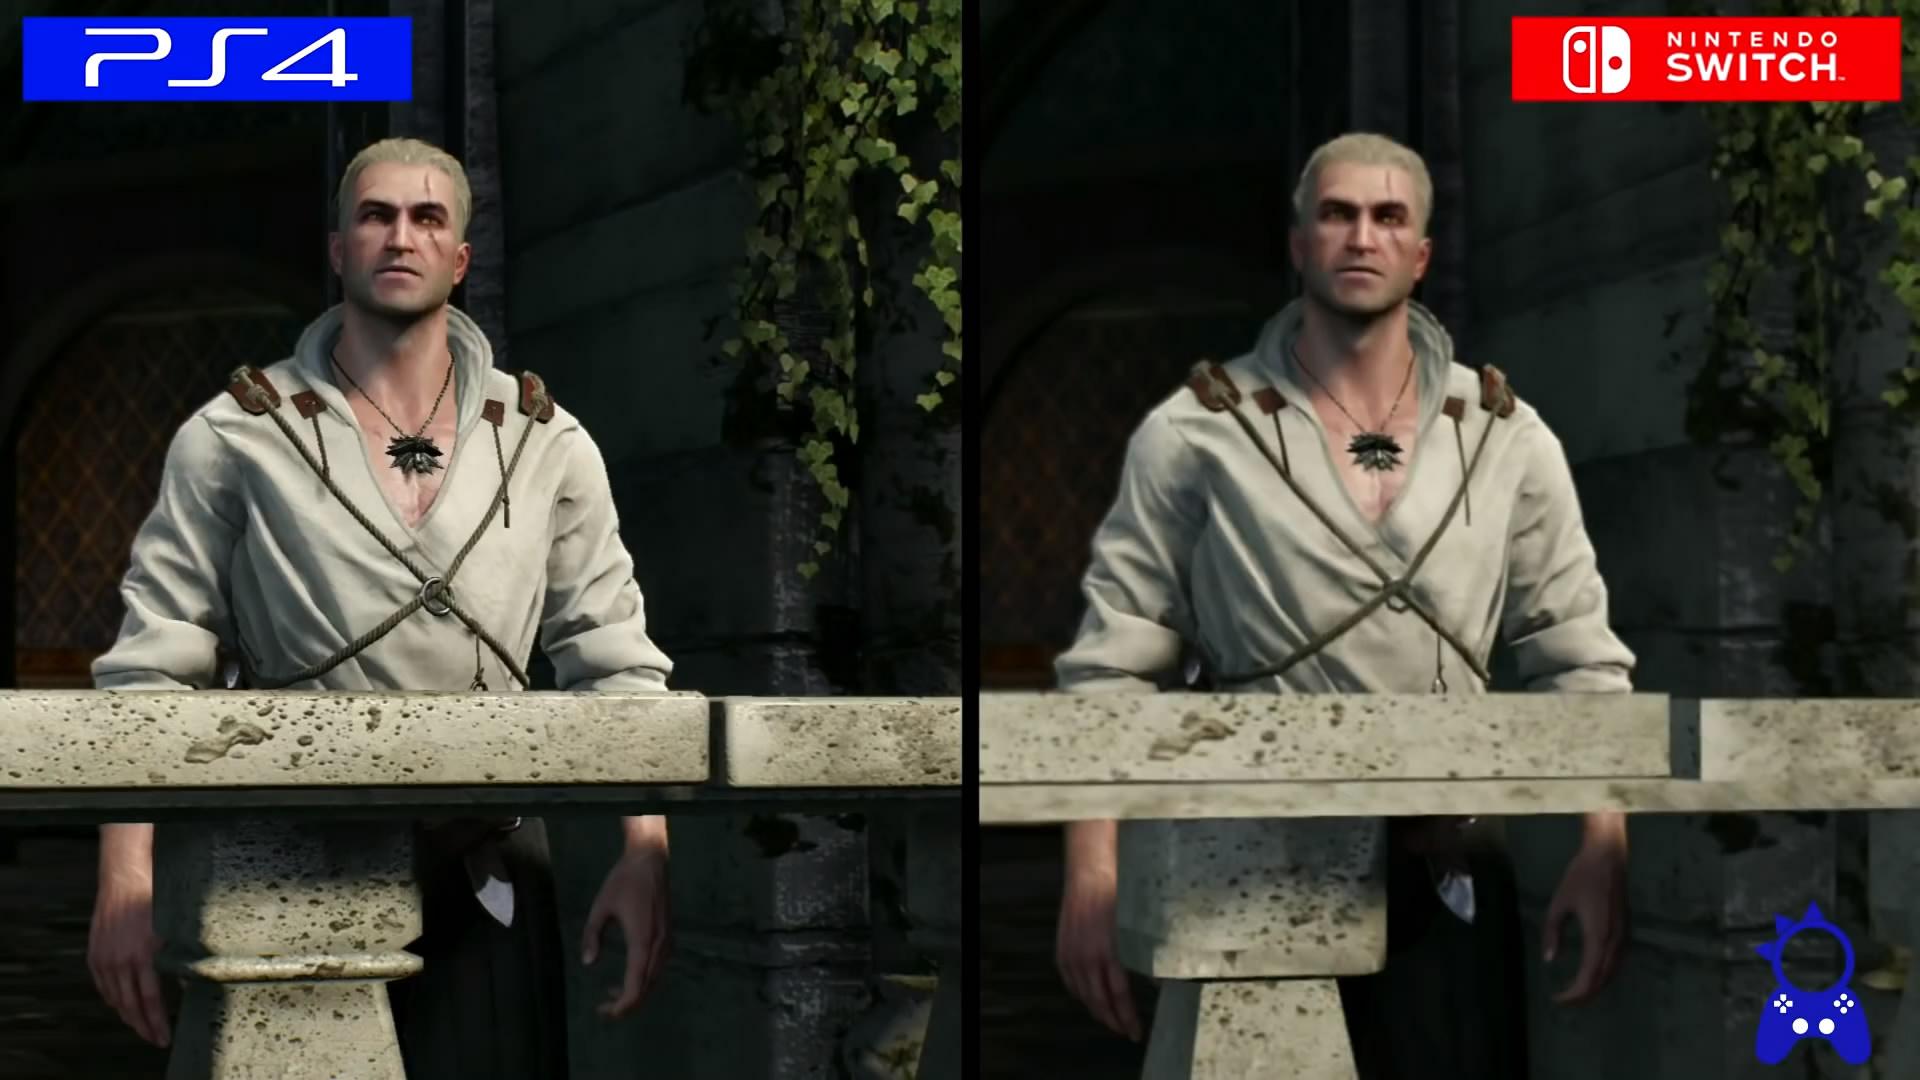 巫師3 NS版與PS4版畫面對比 運行流暢幀數穩定 畫面差距不大